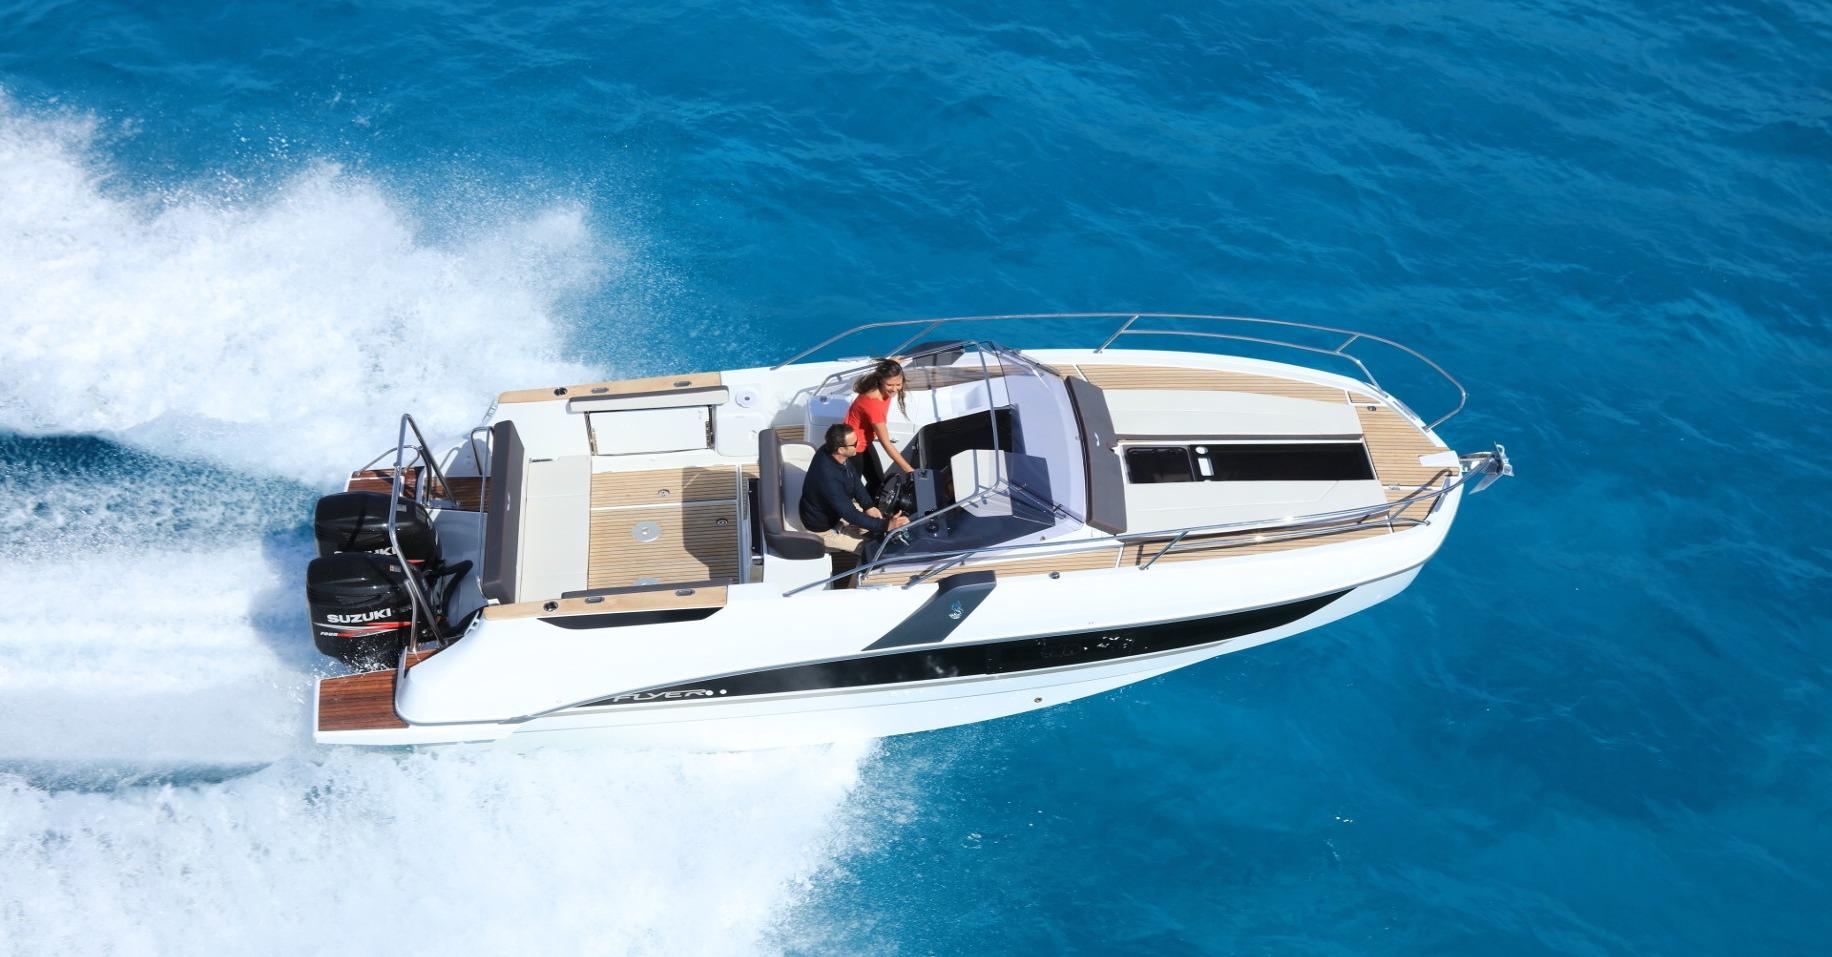 Location BENETEAU Flyer 8.8 SUNdeck à Ajaccio | www.uni-bateaux.com